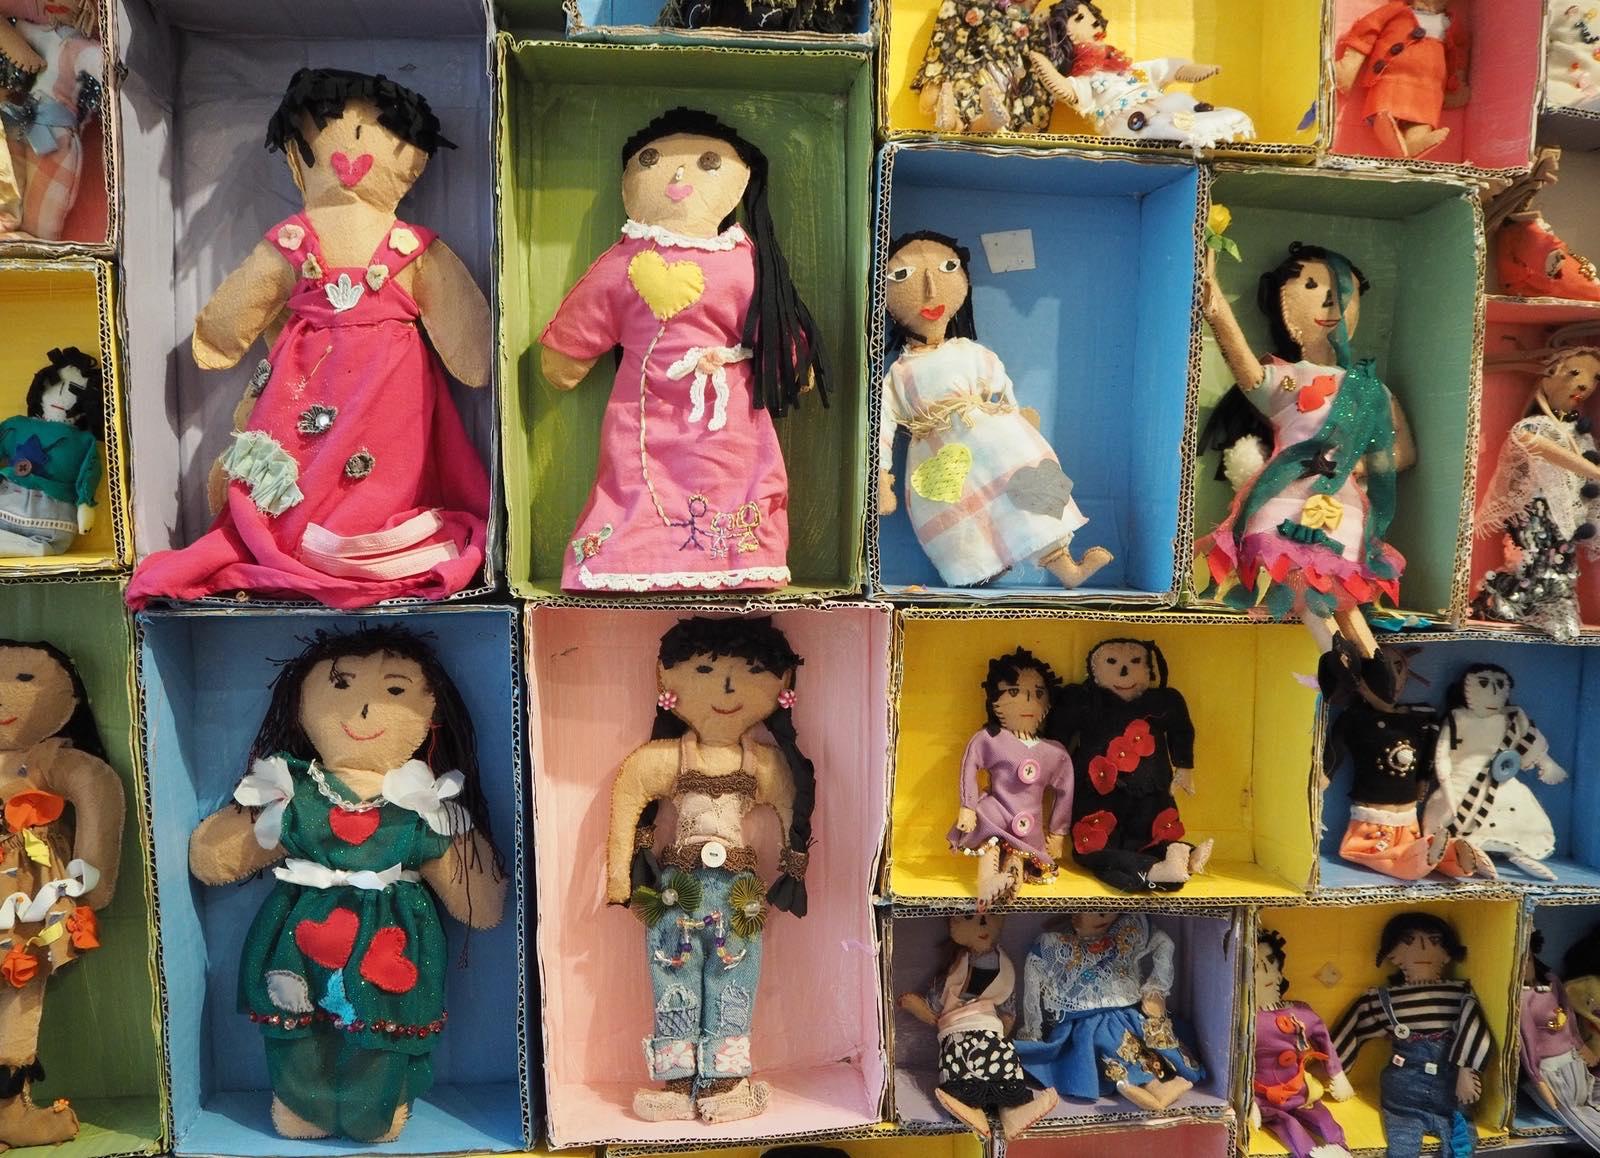 куклы, выставка, Bayaning Inday, вышивка, Филиппины, Манила